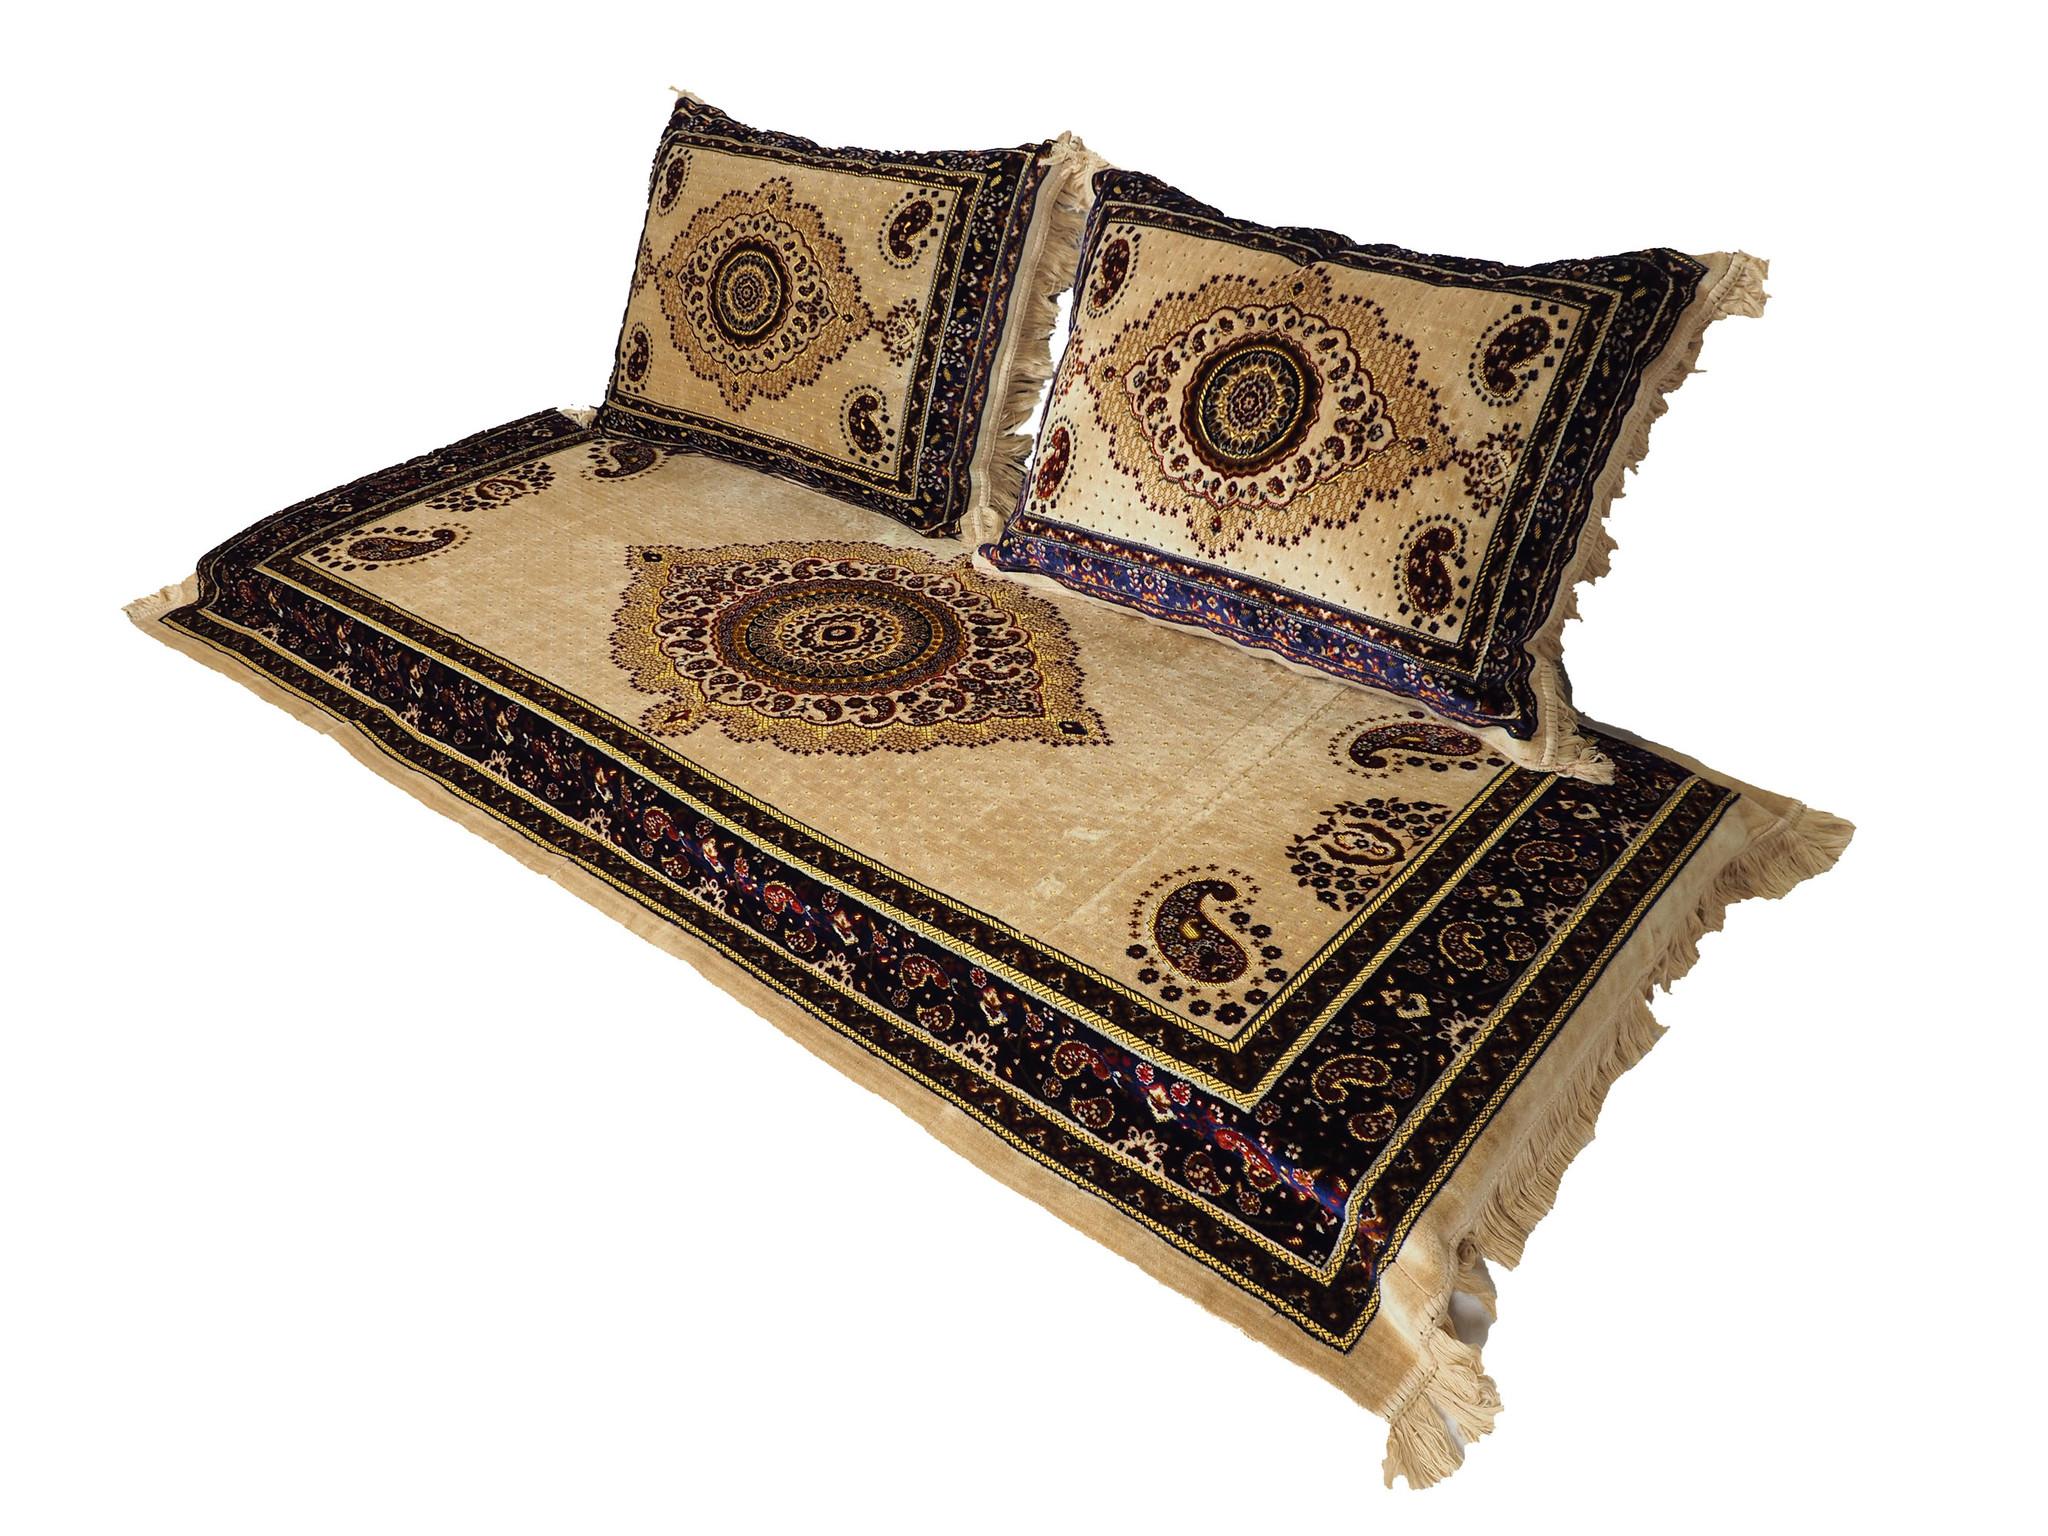 3er Set 1x Matratze + 2 Kissen Afghan nomaden sitzkissen Teppich Orientalische Sitzecke Sofa Bodenkissen Sitzgruppe 190x75 cm توشک ( Beige)